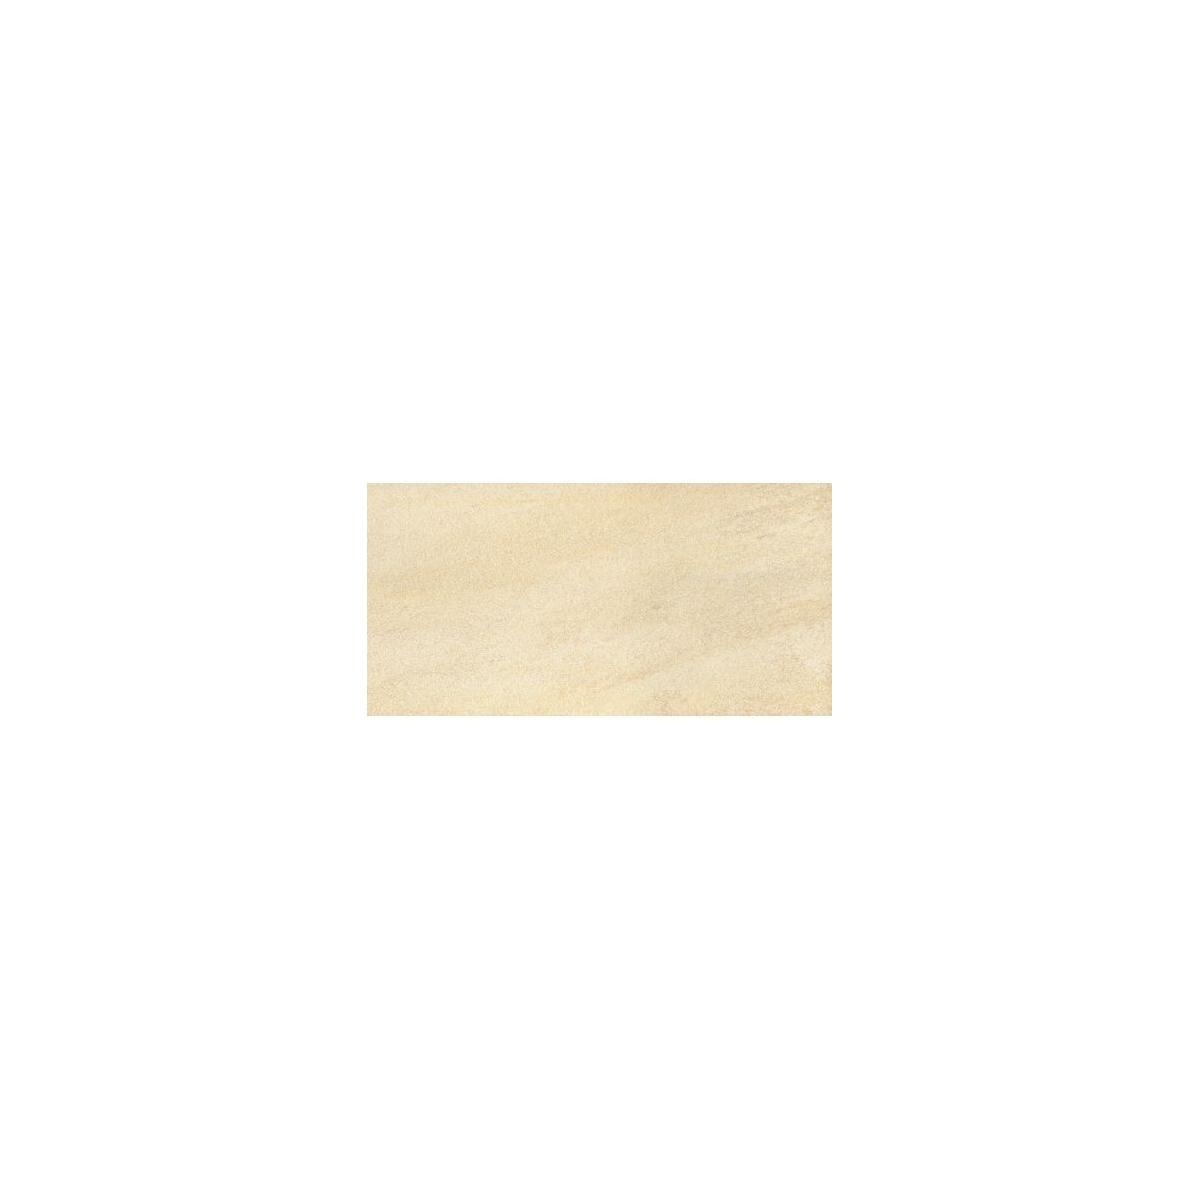 Texturado Nubia (m2) - Serie Texturado - Marca GrecoGres